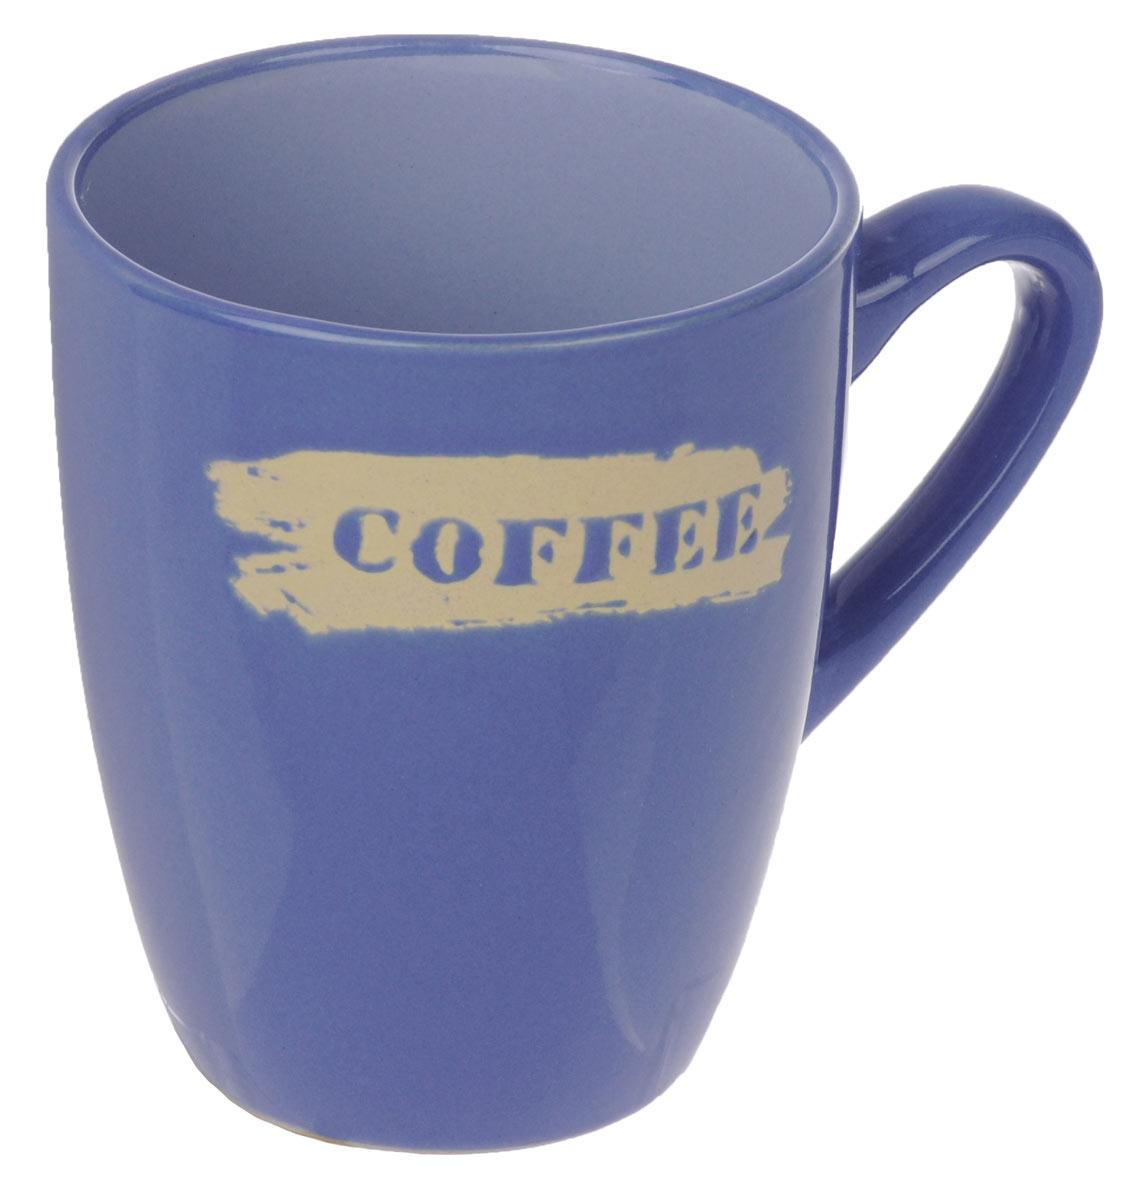 Кружка Wing Star Coffee, цвет: синий, 300 млLJ10-0871M_синийКружка Wing Star Coffee изготовлена из высококачественной керамики и украшена надписью Coffee. Wing Star - качественная керамическая посуда из обожженной, глазурованной снаружи и изнутри глины с оригинальными рисунками. При изготовлении данной посуды широко используется рельефный способ нанесения декора, когда рельефная поверхность подготавливается в процессе формовки и изделие обрабатывается с уже готовым декором. Благодаря этому достигается эффект неровного на ощупь рисунка, как бы утопленного внутрь глазури и являющегося его естественным элементом. Кружку можно использовать в СВЧ и мыть в посудомоечной машине. Диаметр (по верхнему краю): 8 см. Высота стенки: 10 см. Объем кружки: 300 мл.